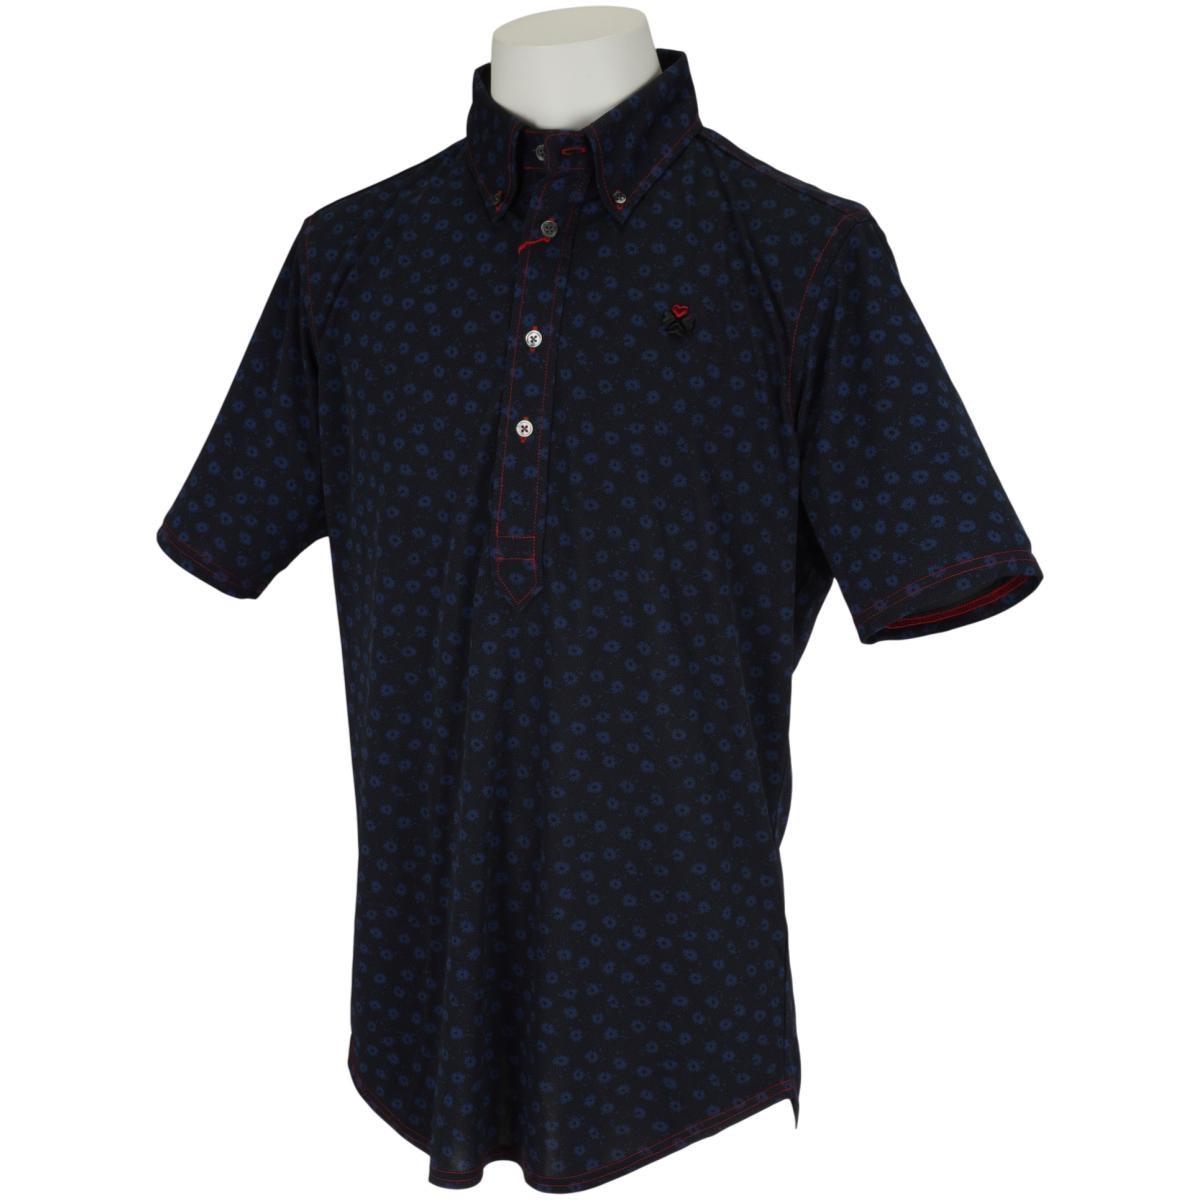 ブラッドシフト ステッチロゴ スラッシュカラー半袖ポロシャツ